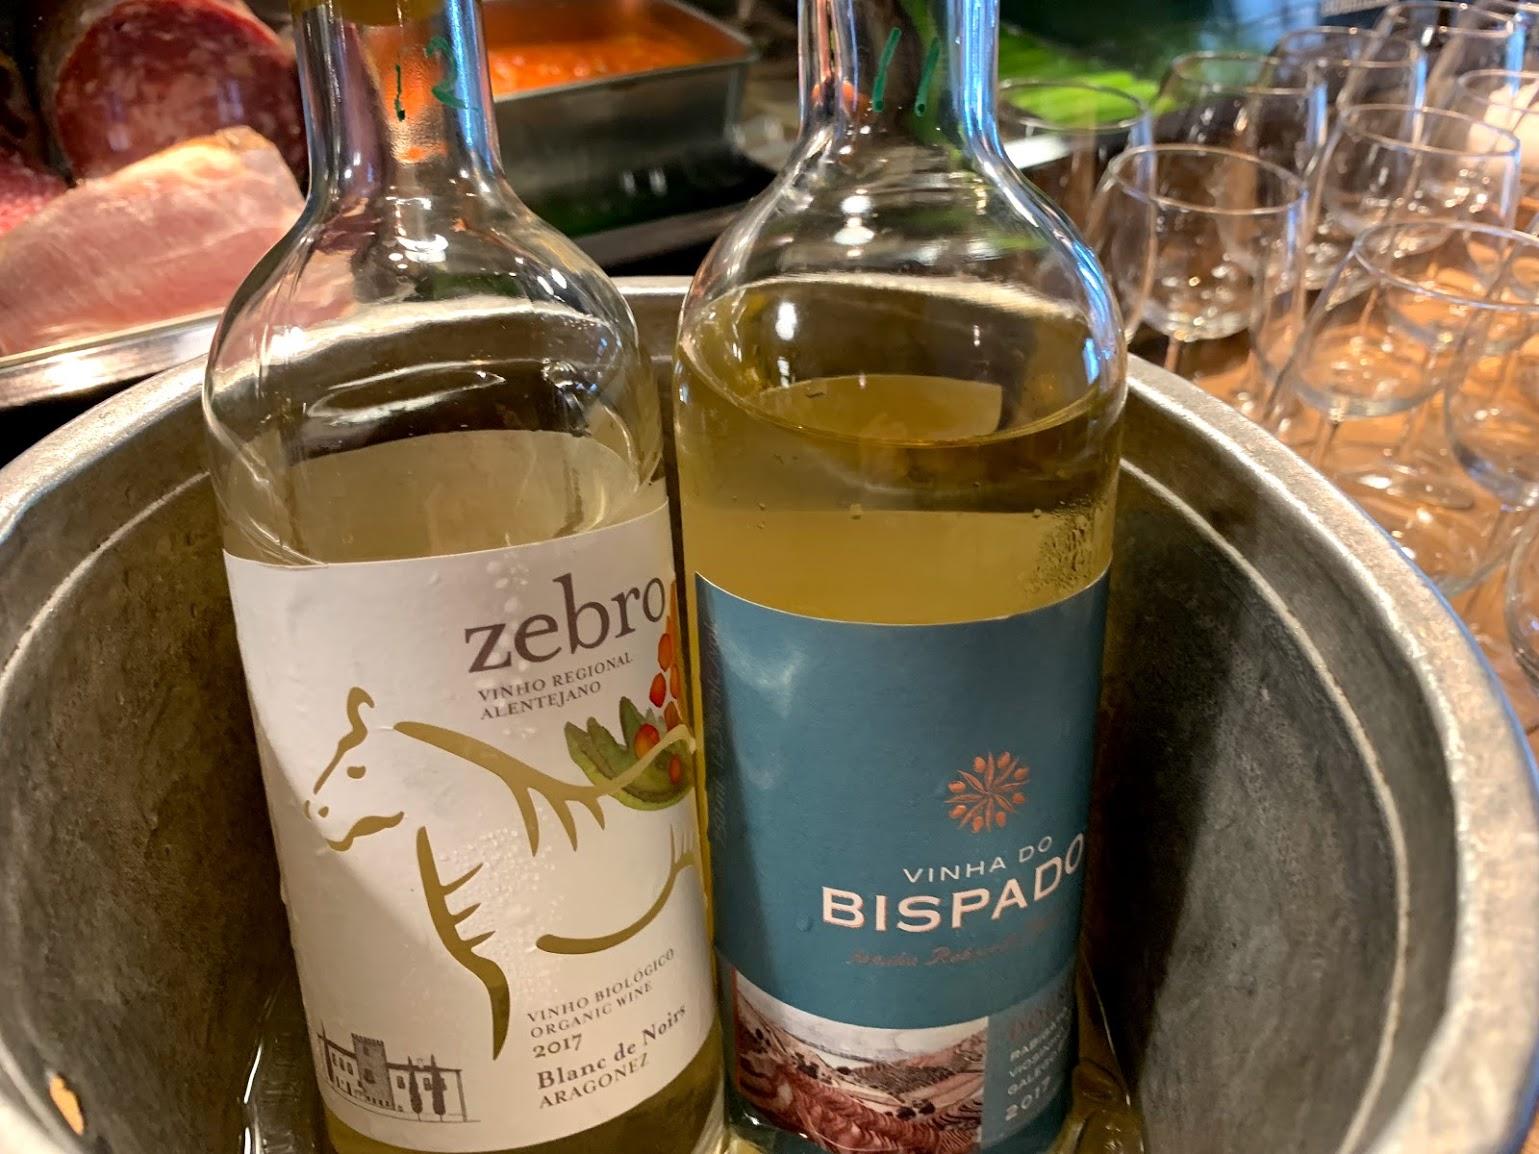 黒ぶどうで作ったビオの白ワイン、ゼブロ・ブラン・ド・ノワールと、ドウロ地方CARMビスパード白